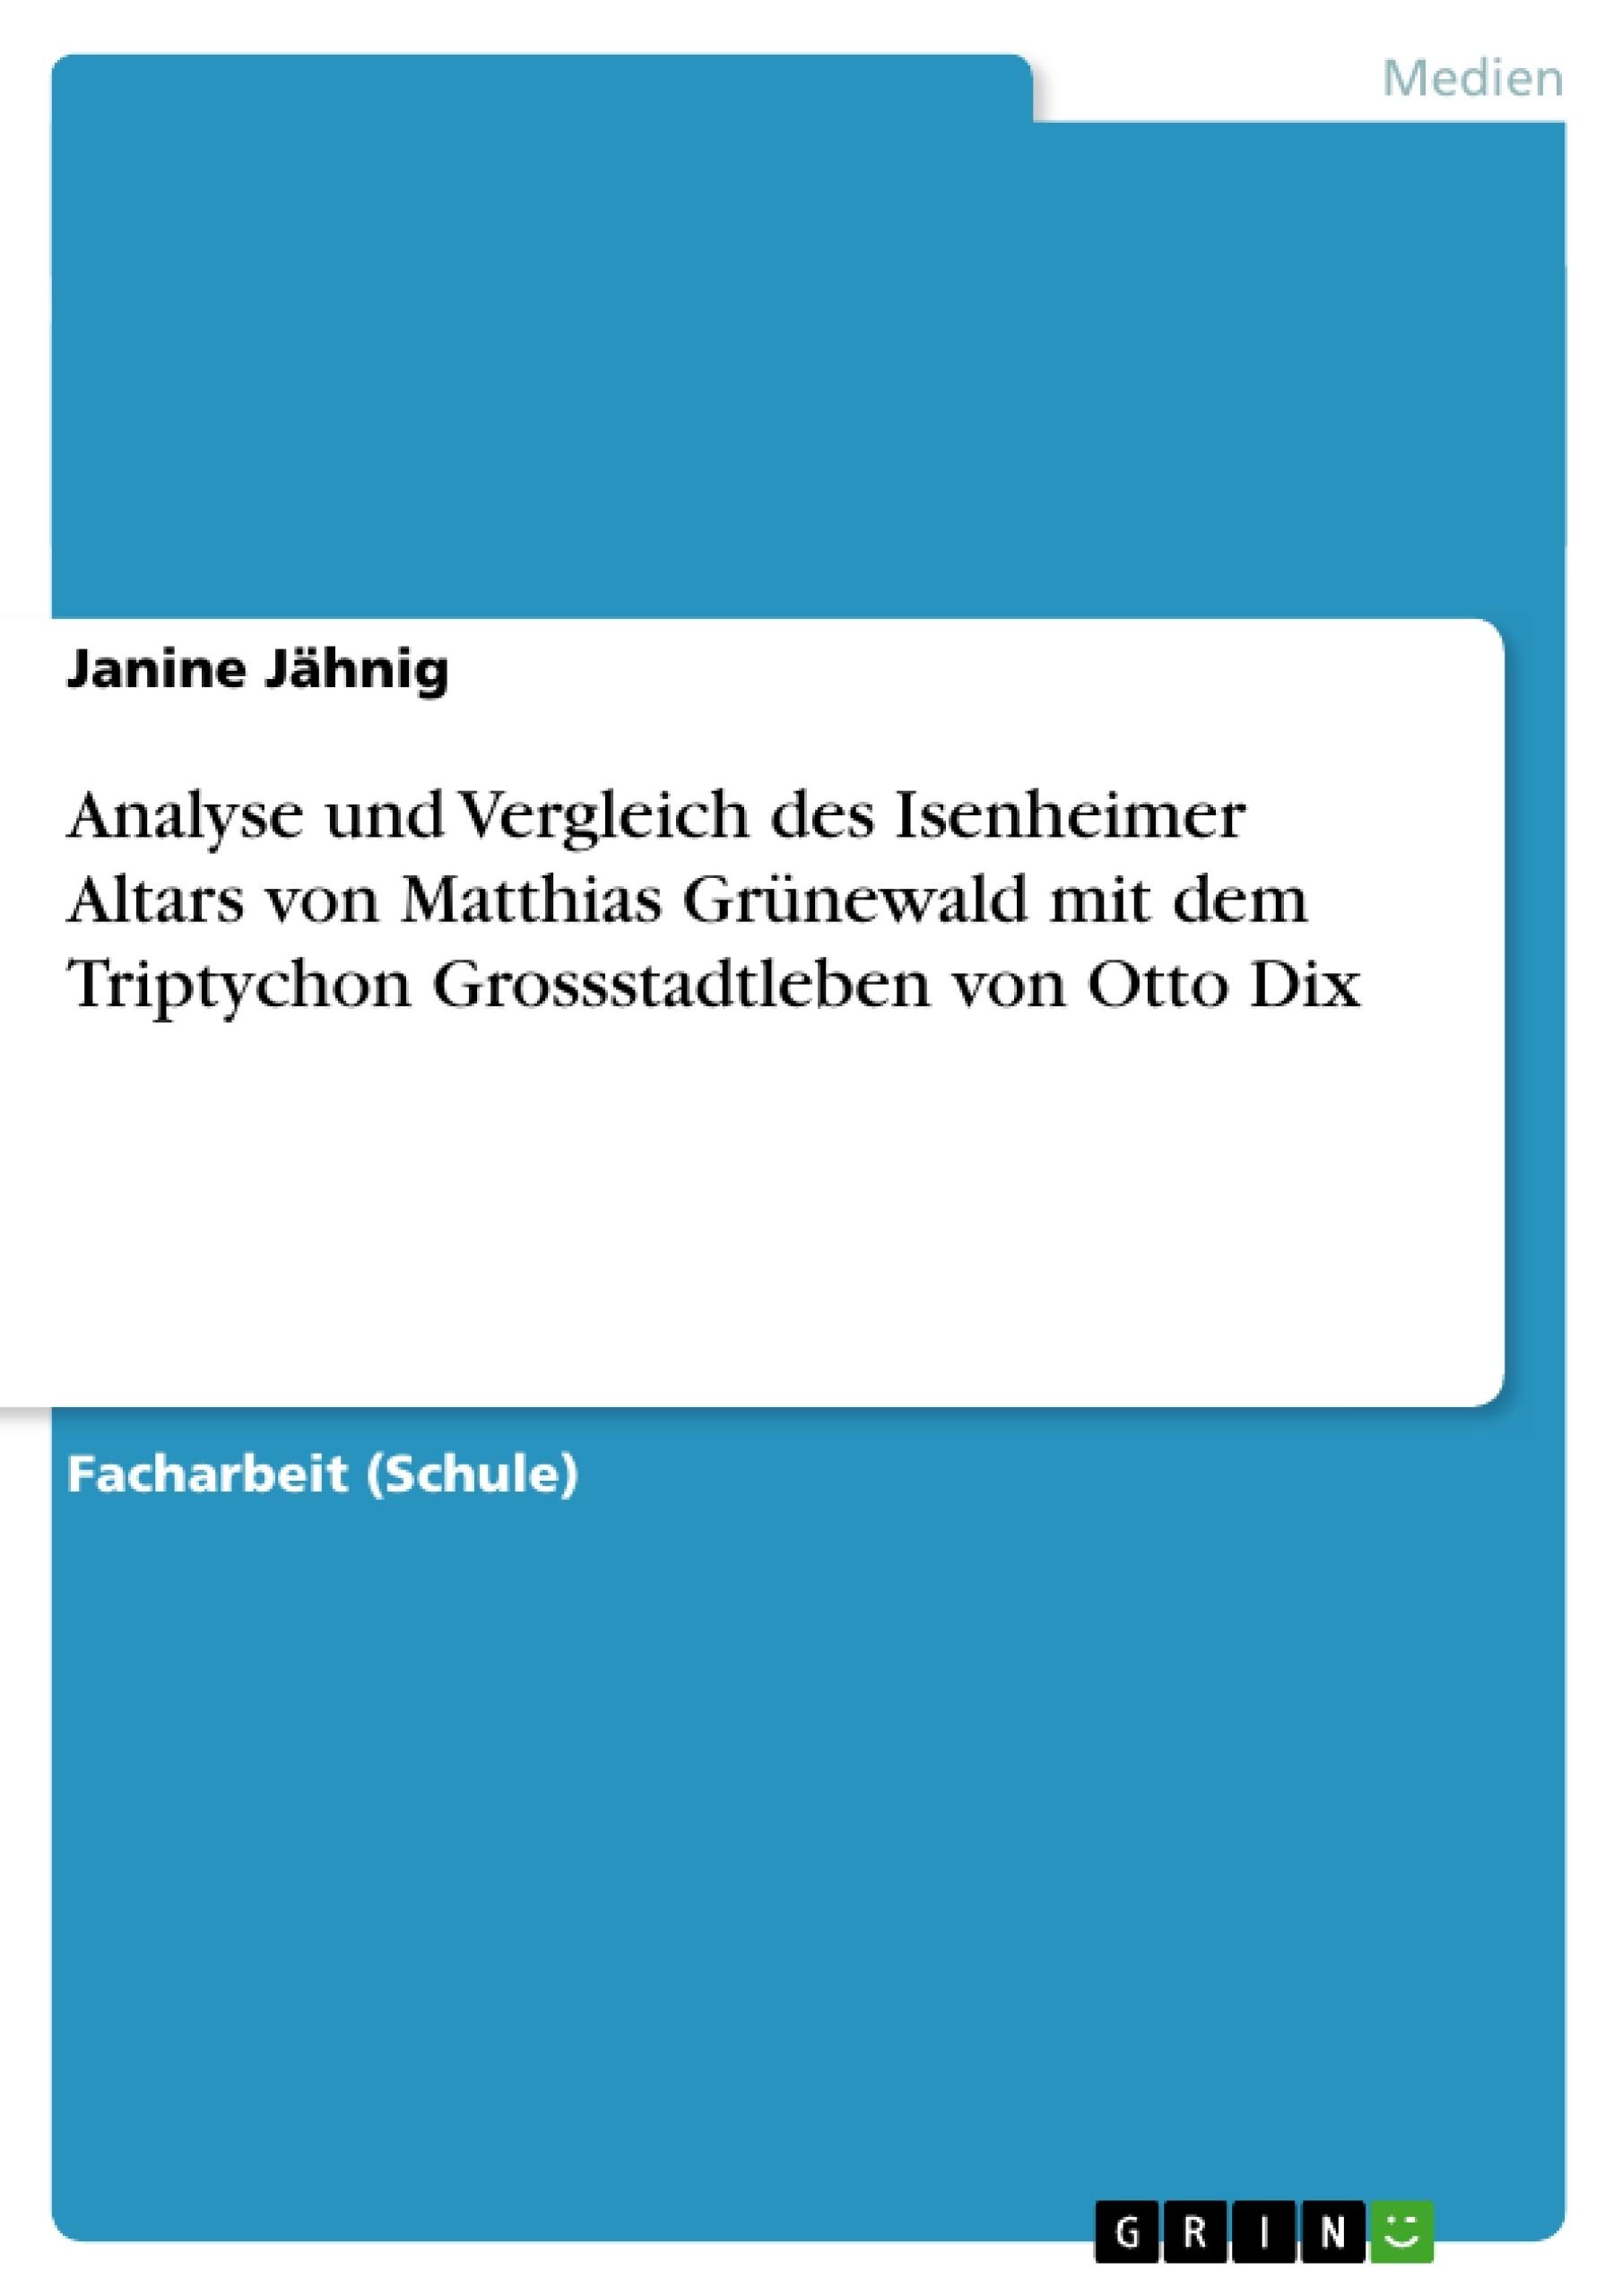 Titel: Analyse und Vergleich des Isenheimer Altars von Matthias Grünewald mit dem Triptychon Grossstadtleben von Otto Dix